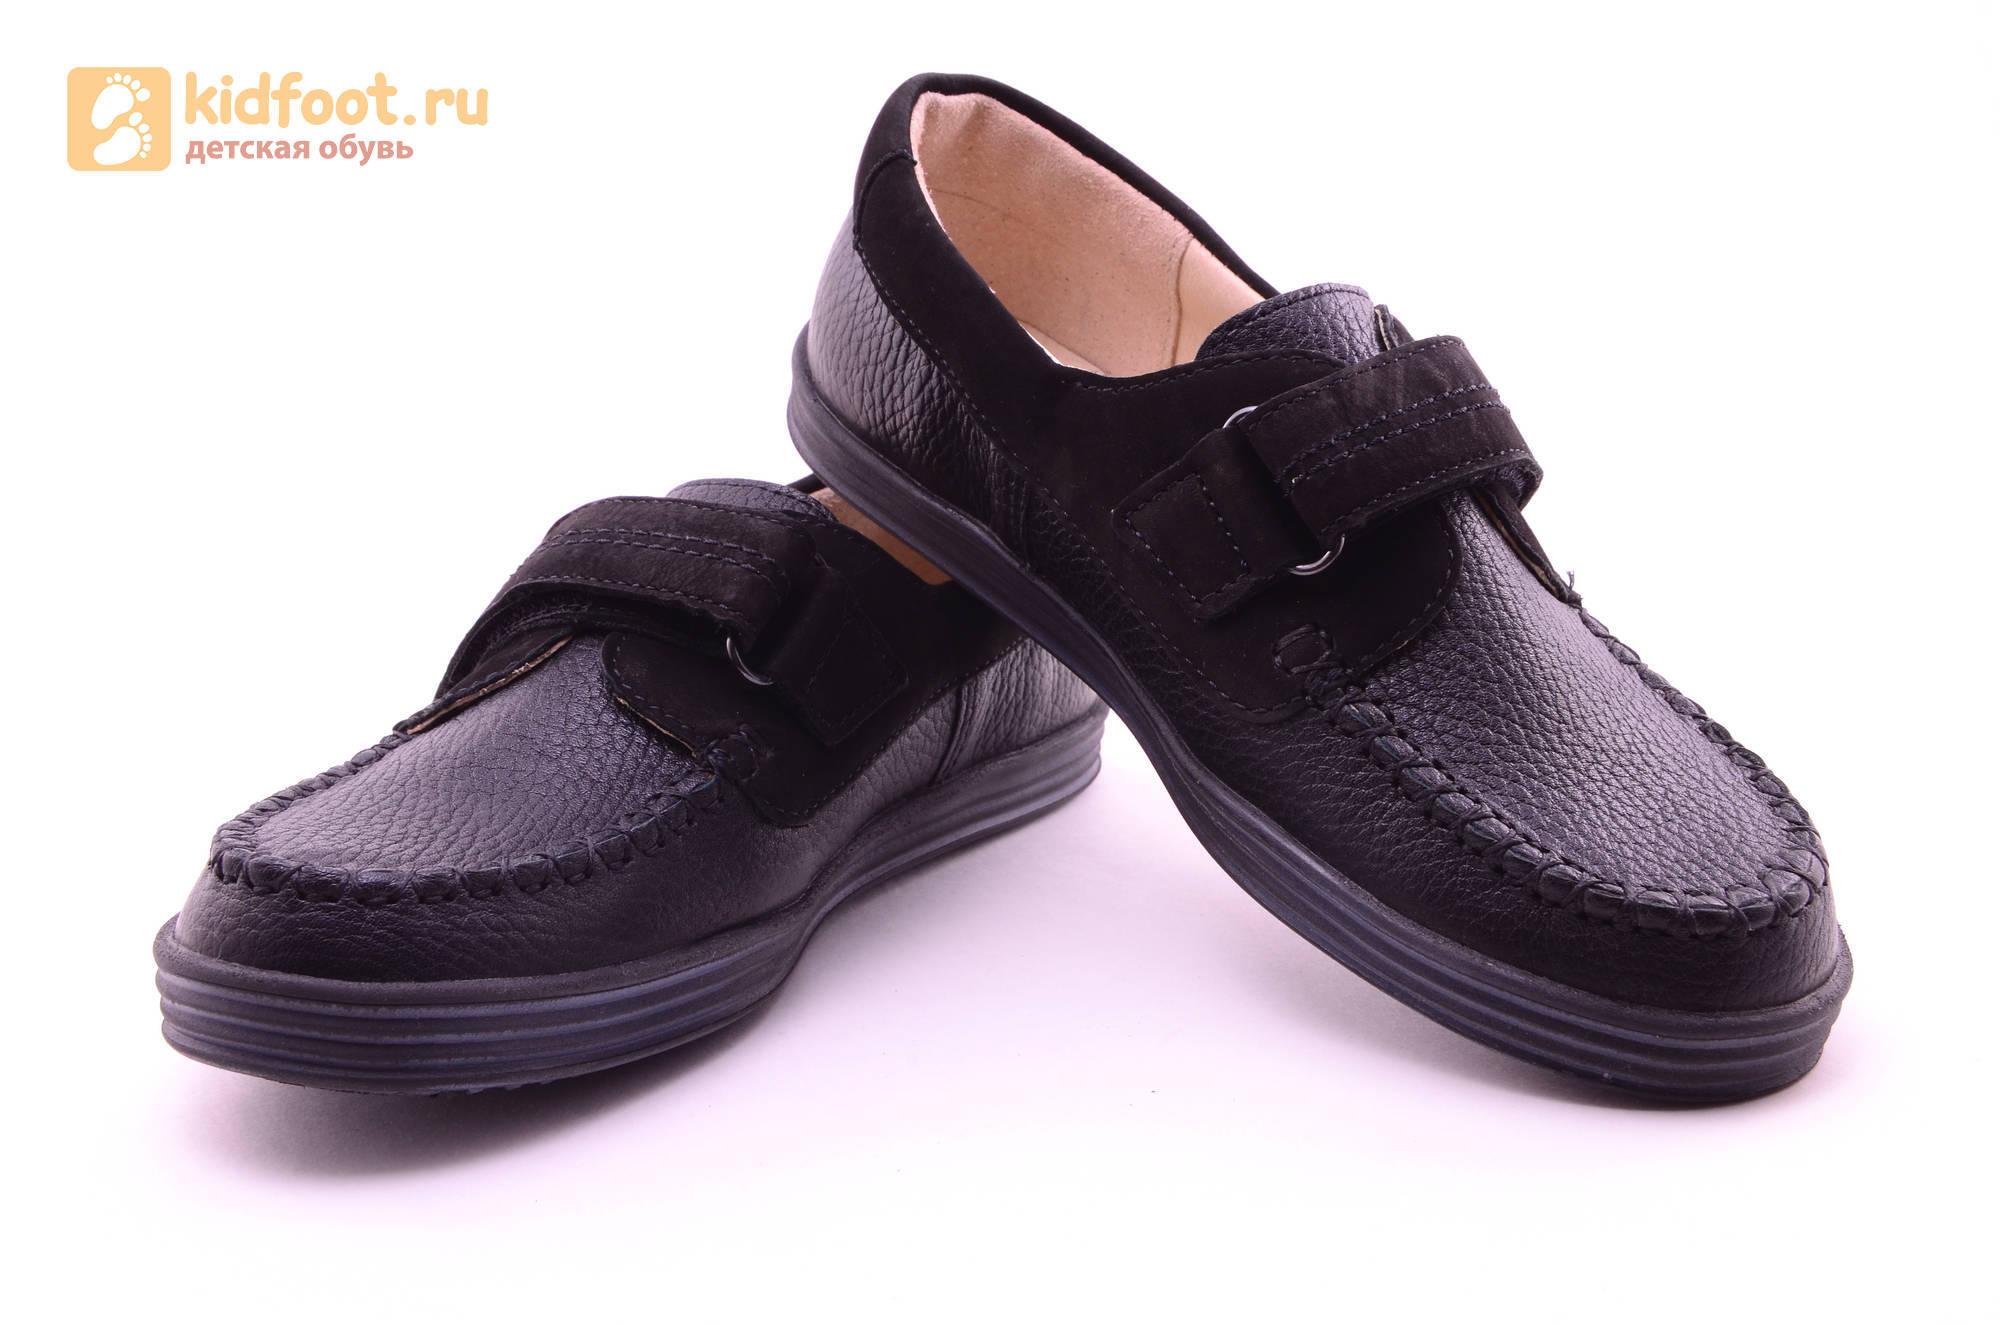 Ботинки для мальчиков из натуральной кожи на липучках Лель (LEL), цвет черный